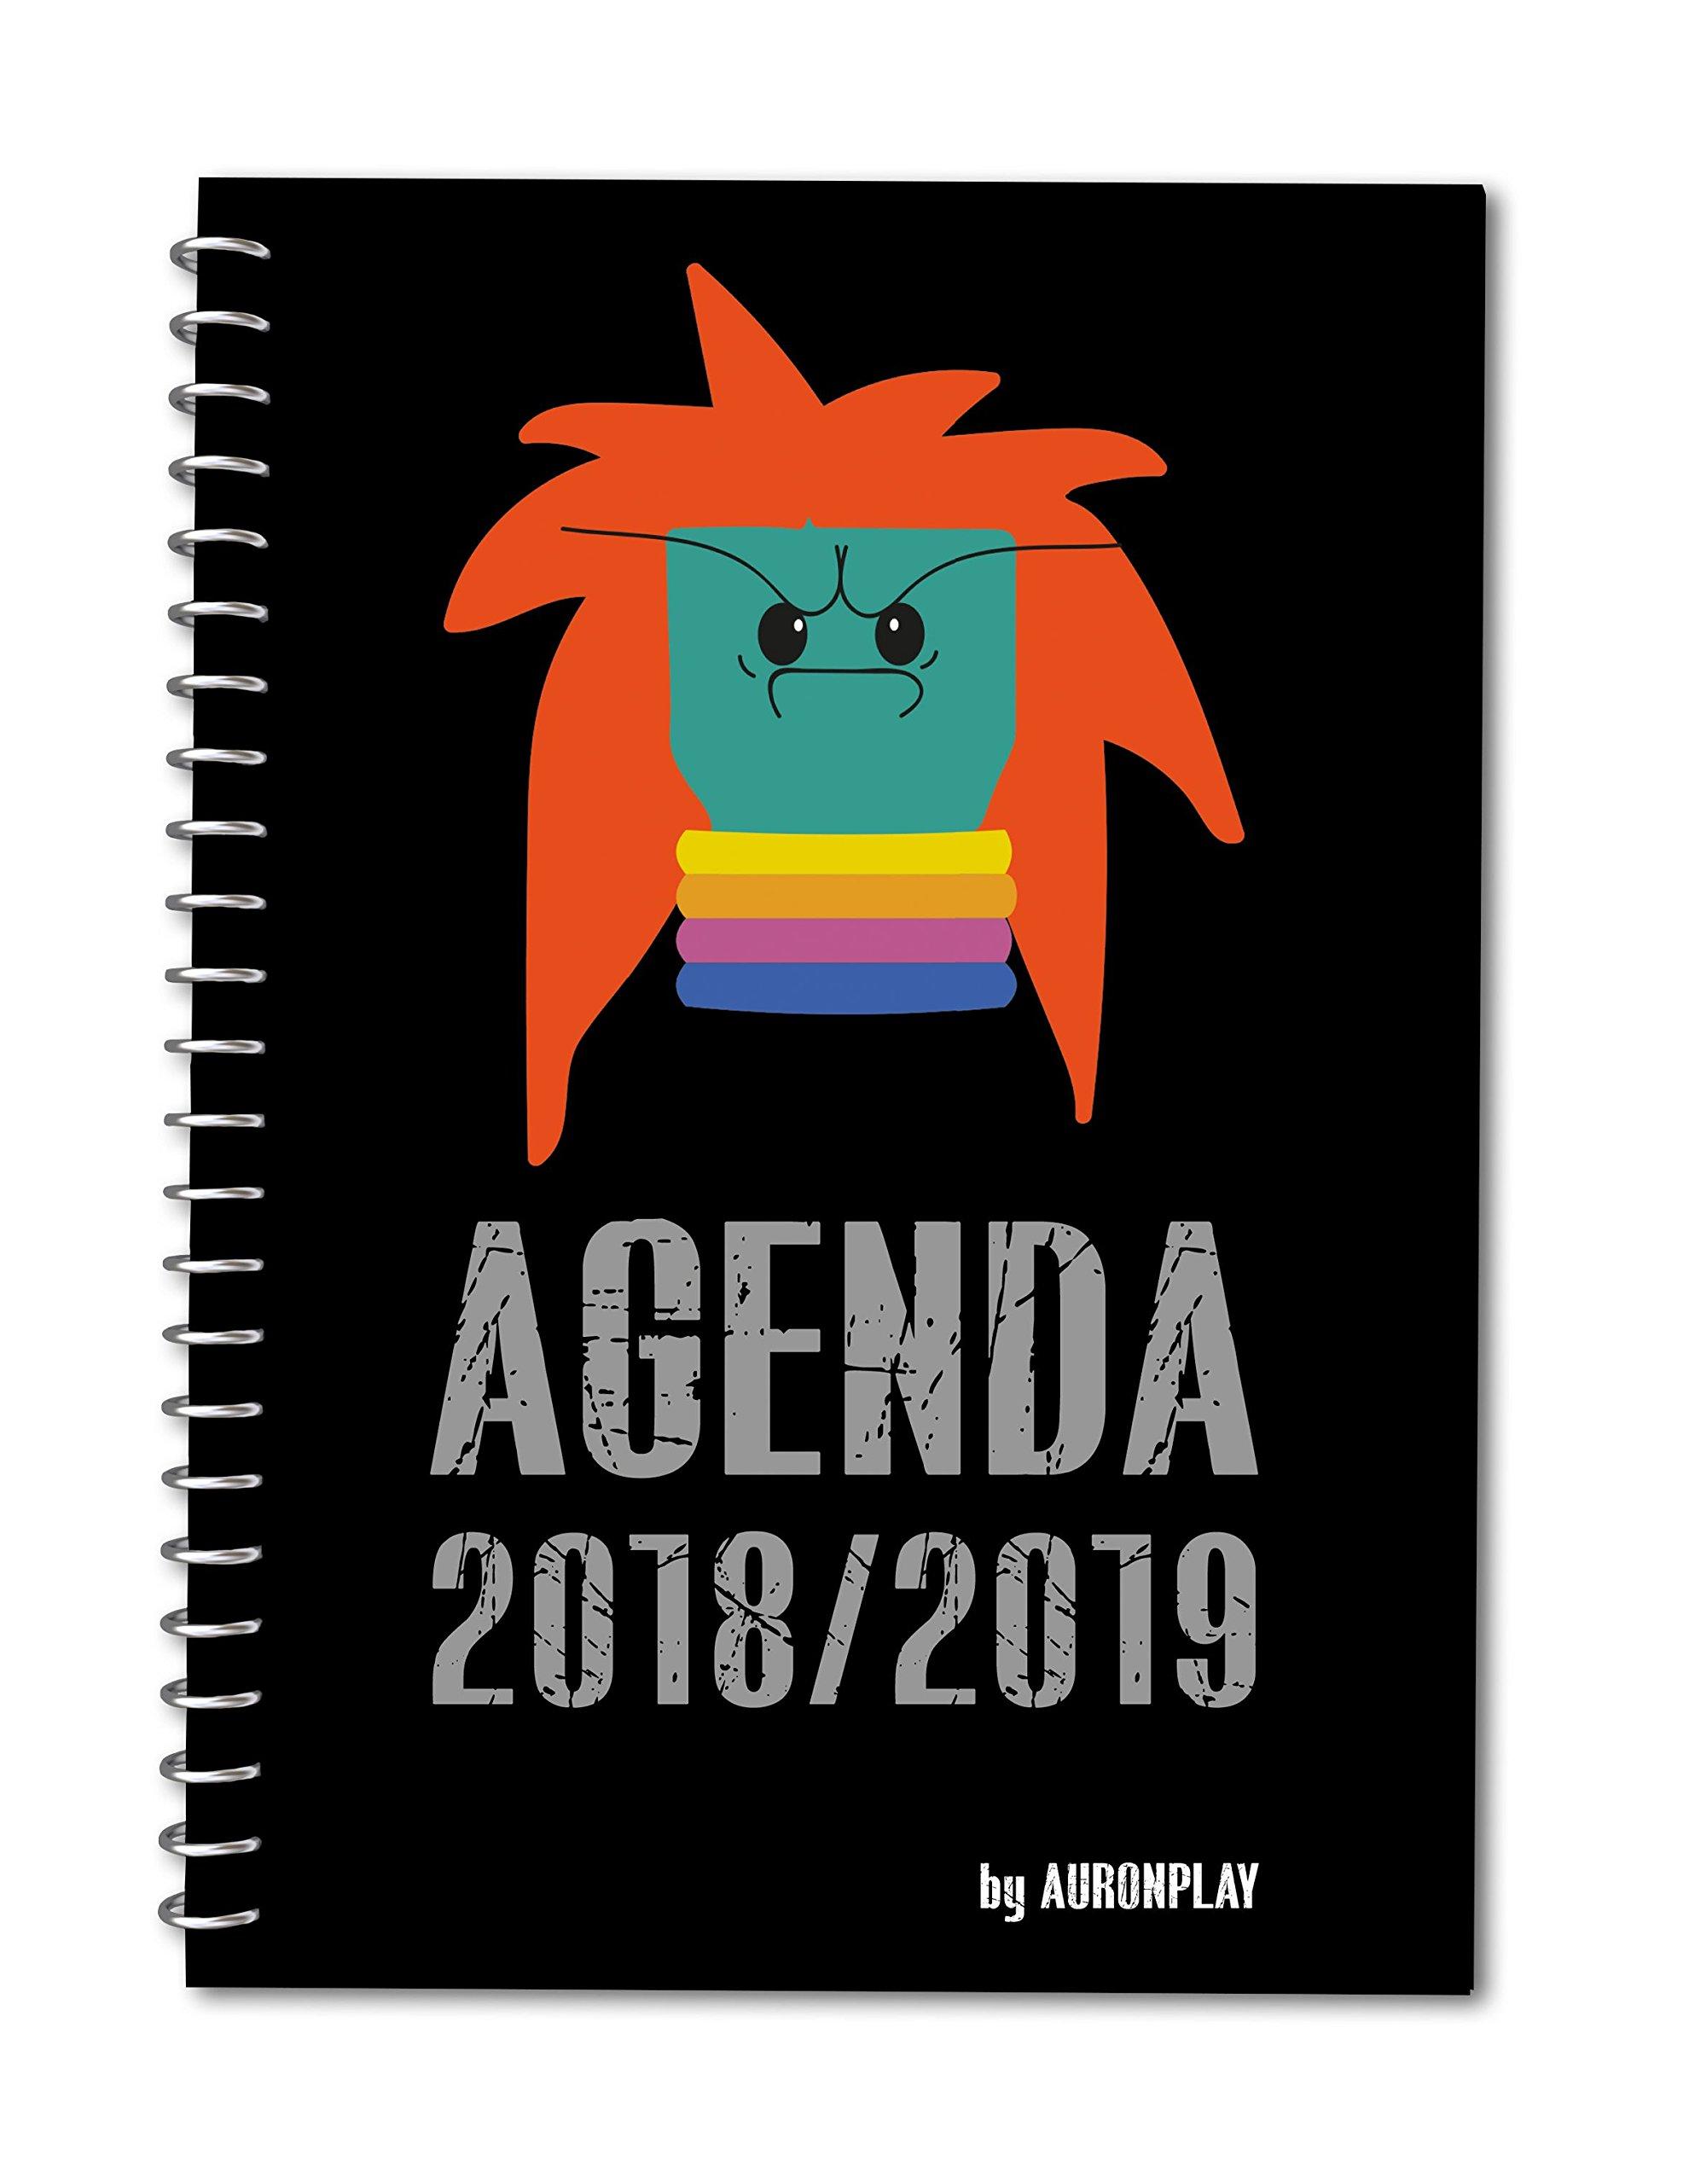 Agenda Auronplay, 2018-2019: Auronplay: 9788417166311 ...